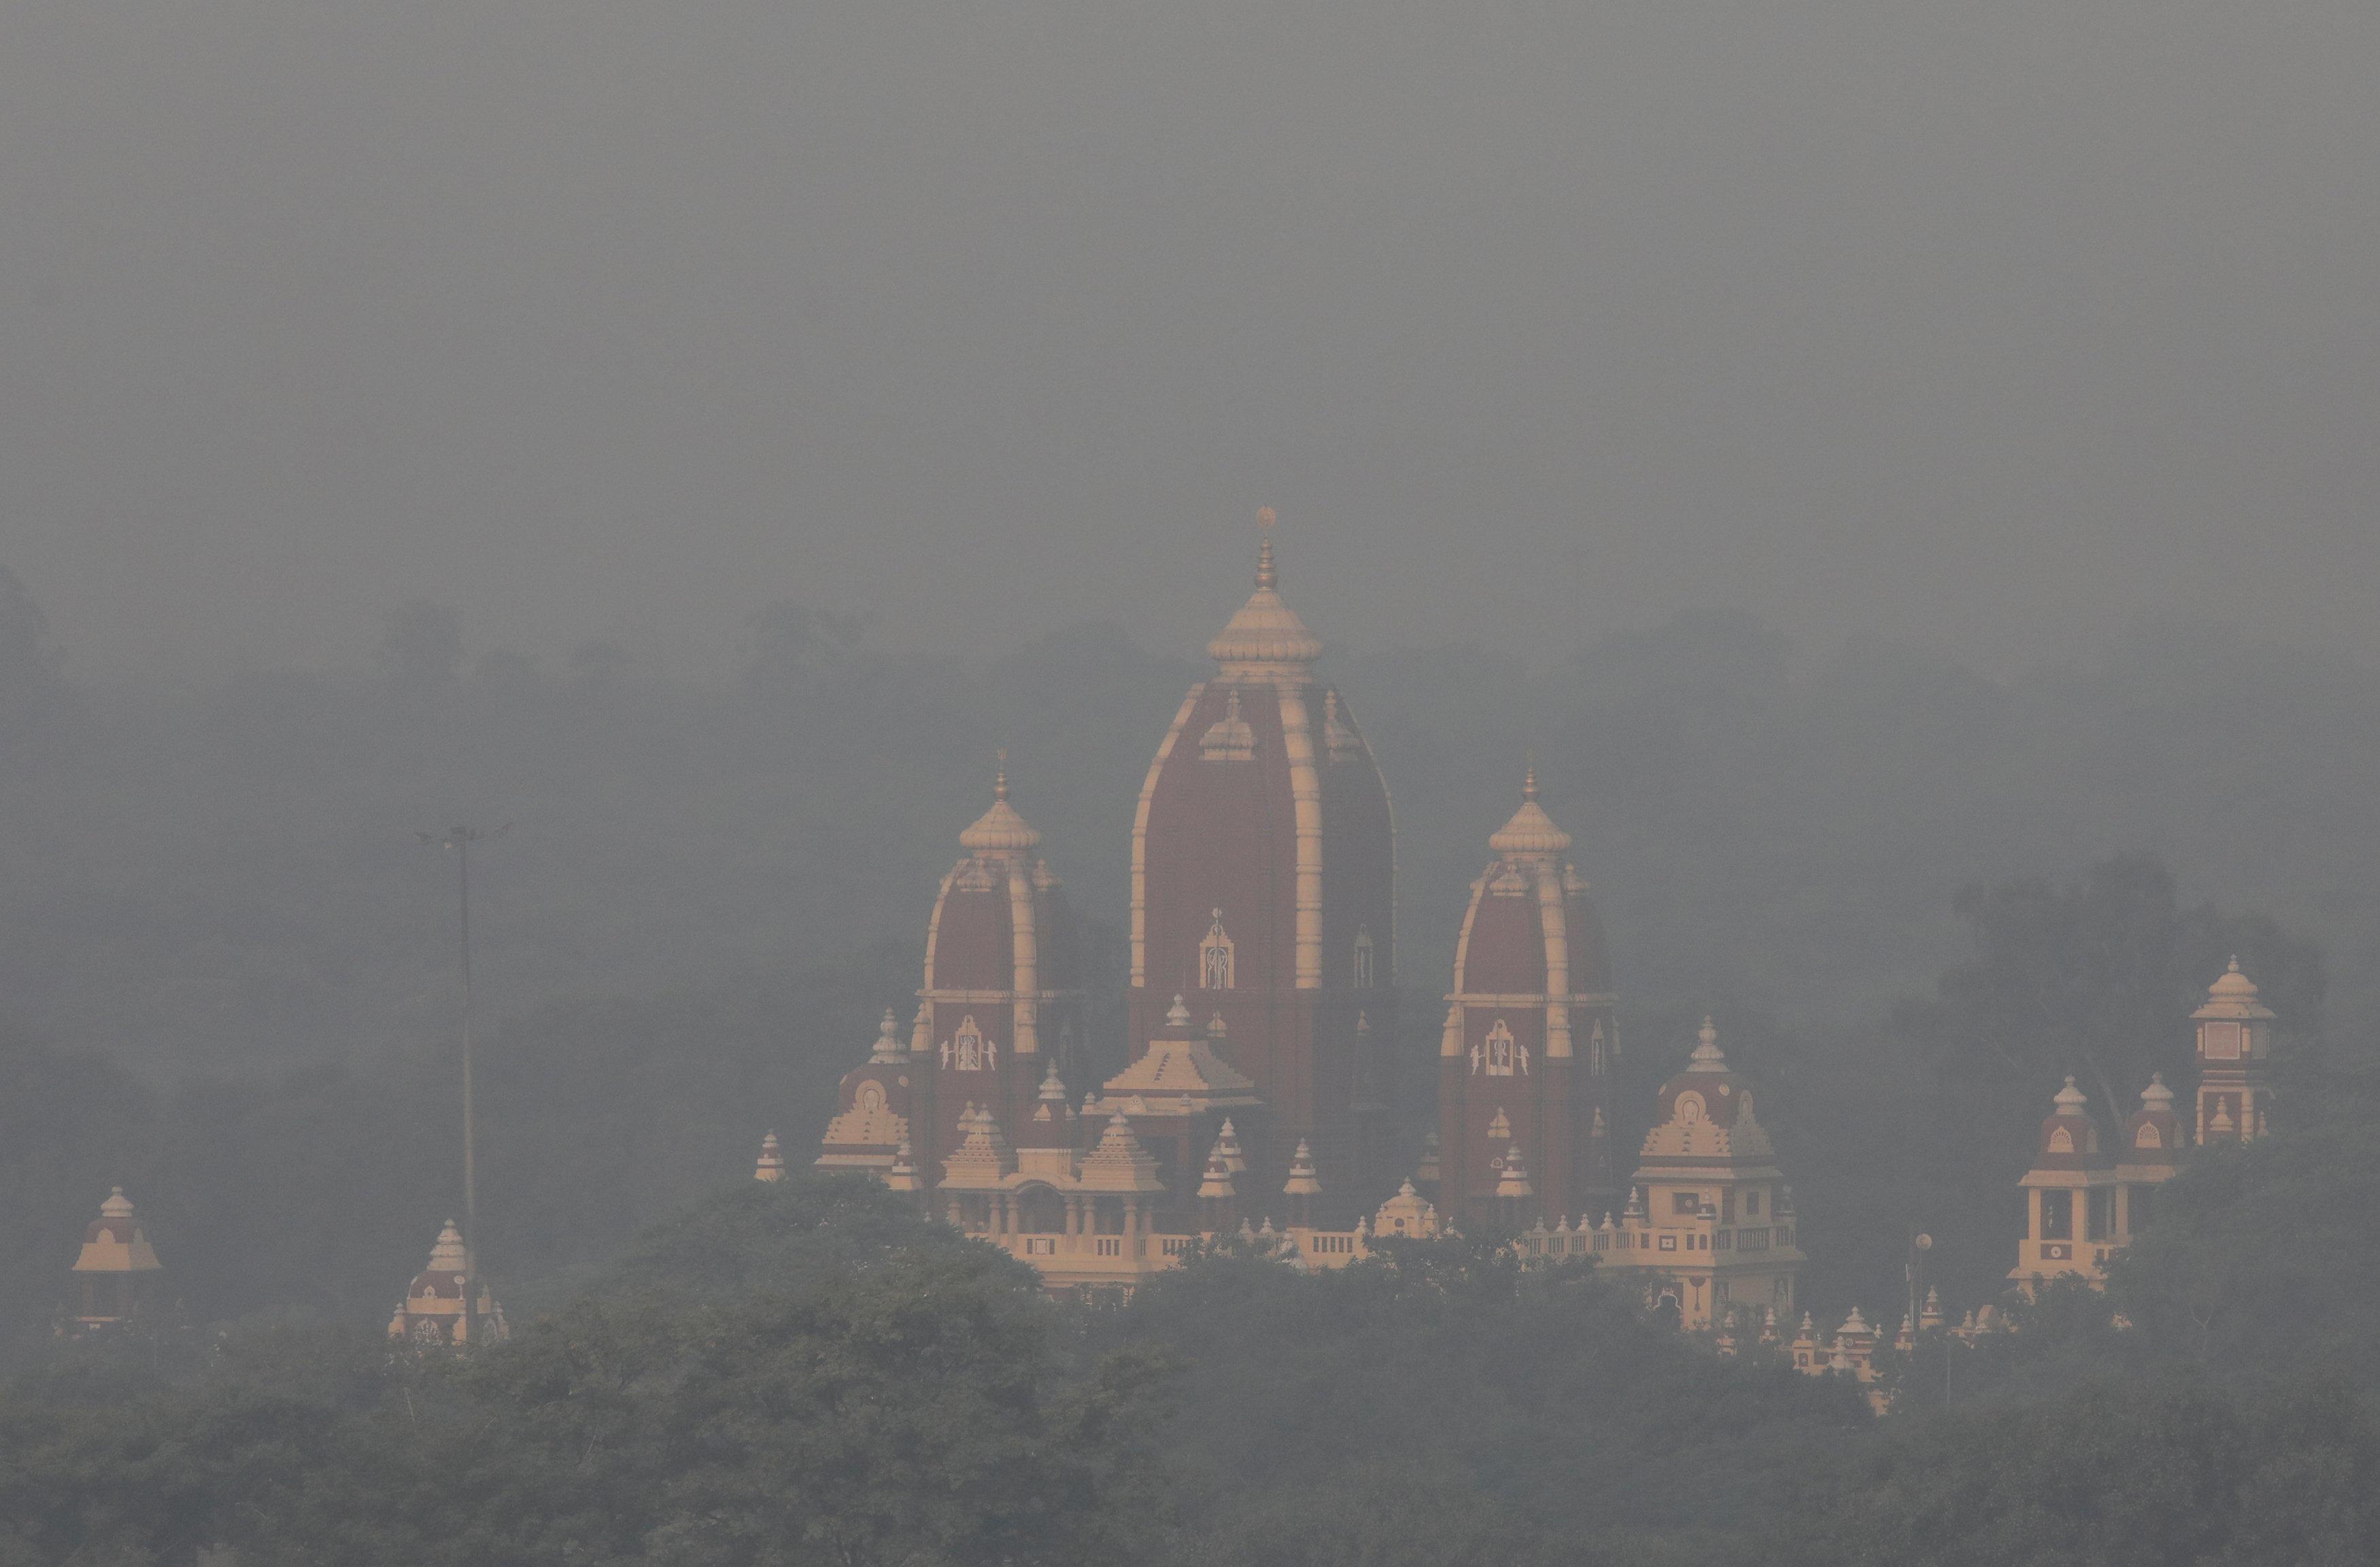 Το Δελχί χάθηκε μέσα στο τοξικό νέφος - 20 φορές άνω του επιτρεπτού η μόλυνση του αέρα